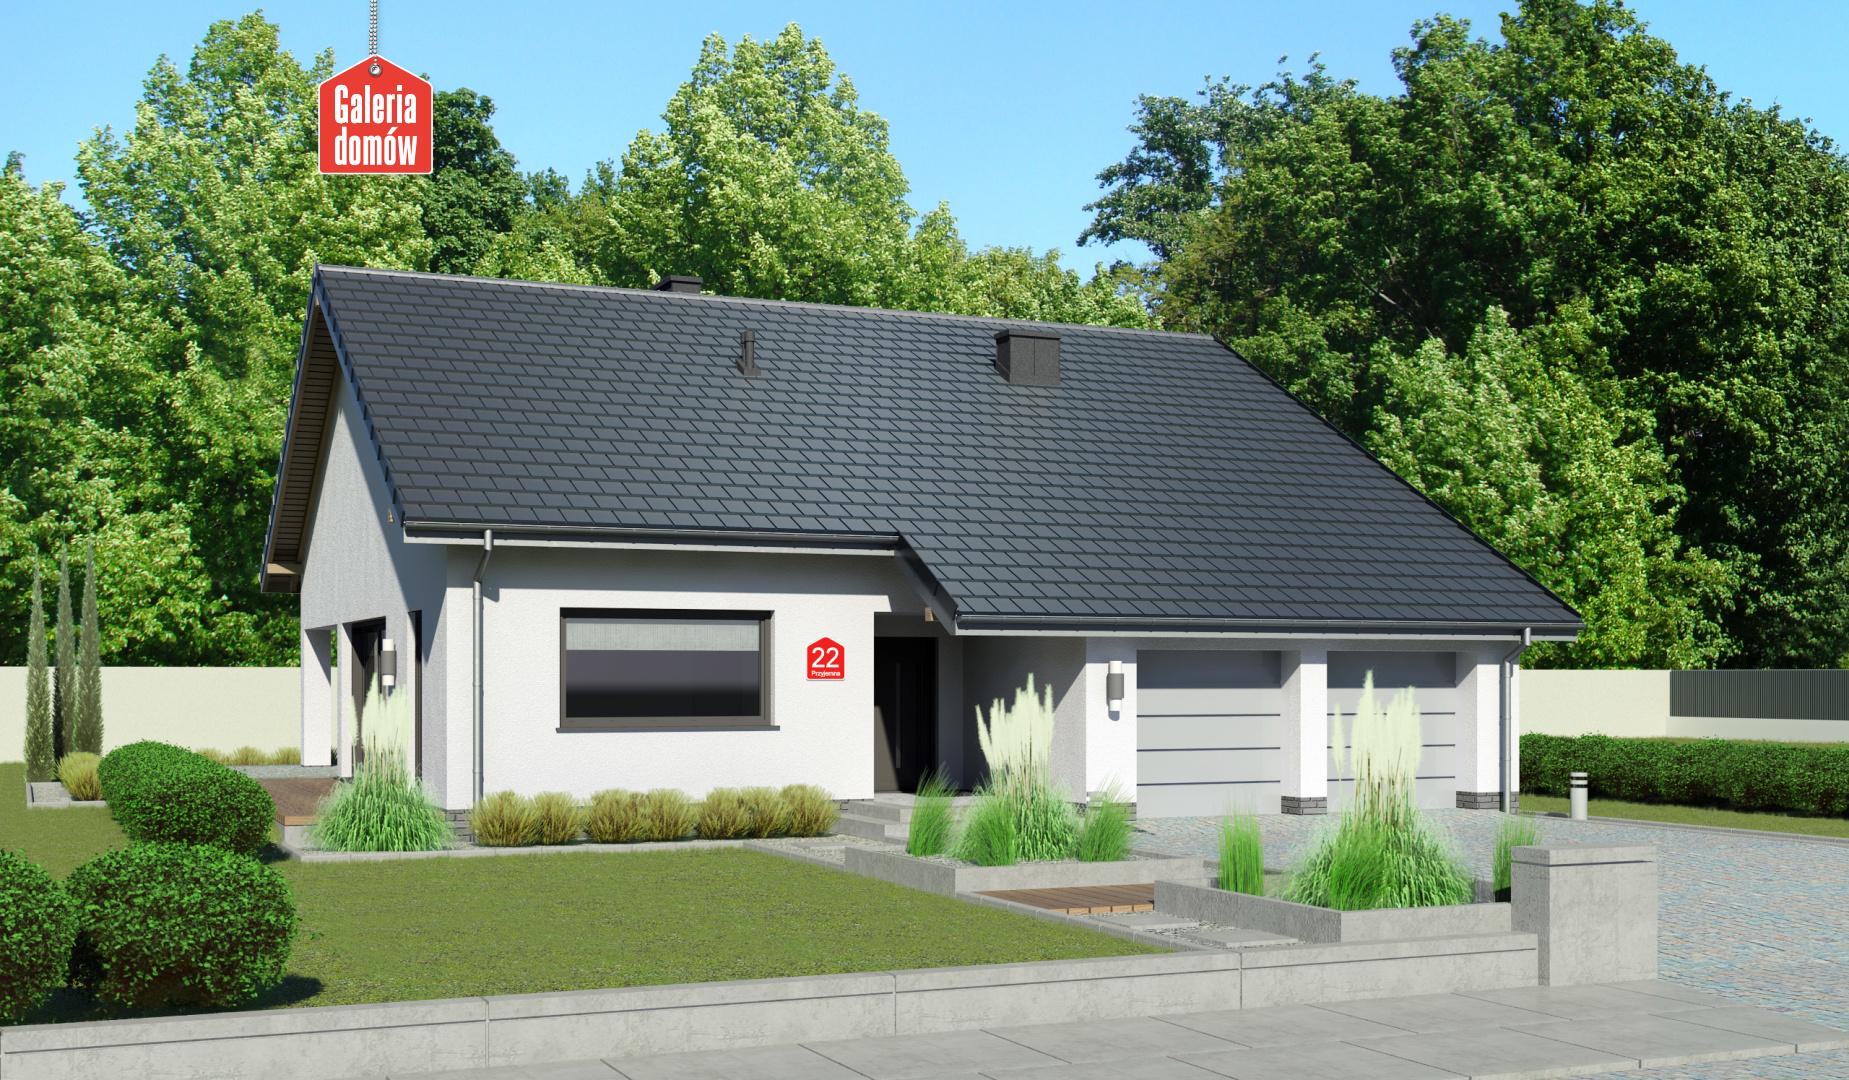 Dom przy Przyjemnej 22 bis - zdjęcie projektu i wizualizacja